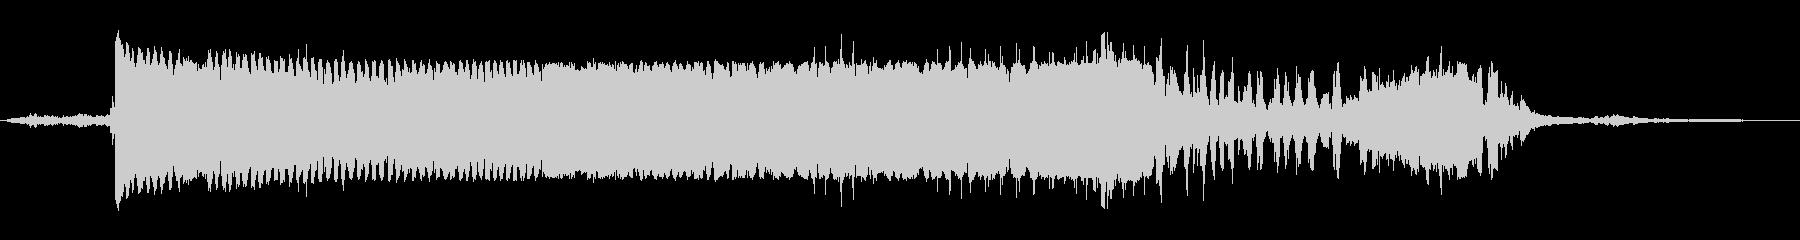 フェラーリフォーミュラ1;スタート...の未再生の波形